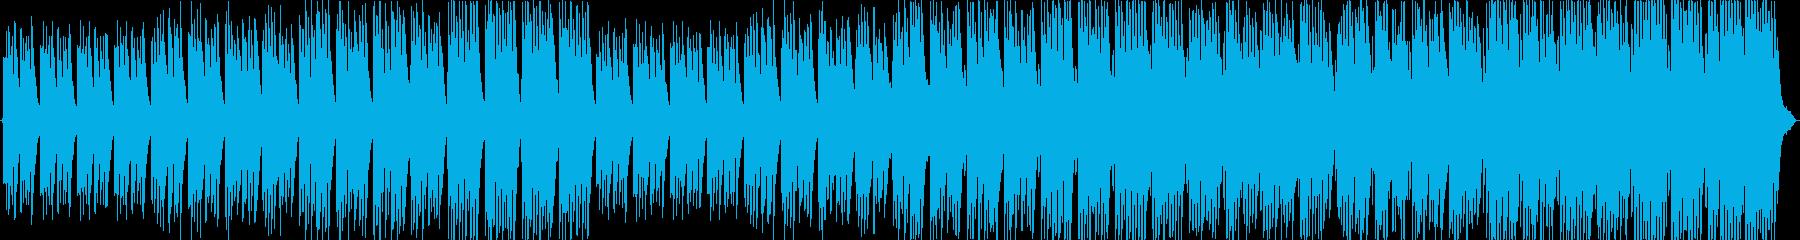 切なく、きれいな曲の再生済みの波形